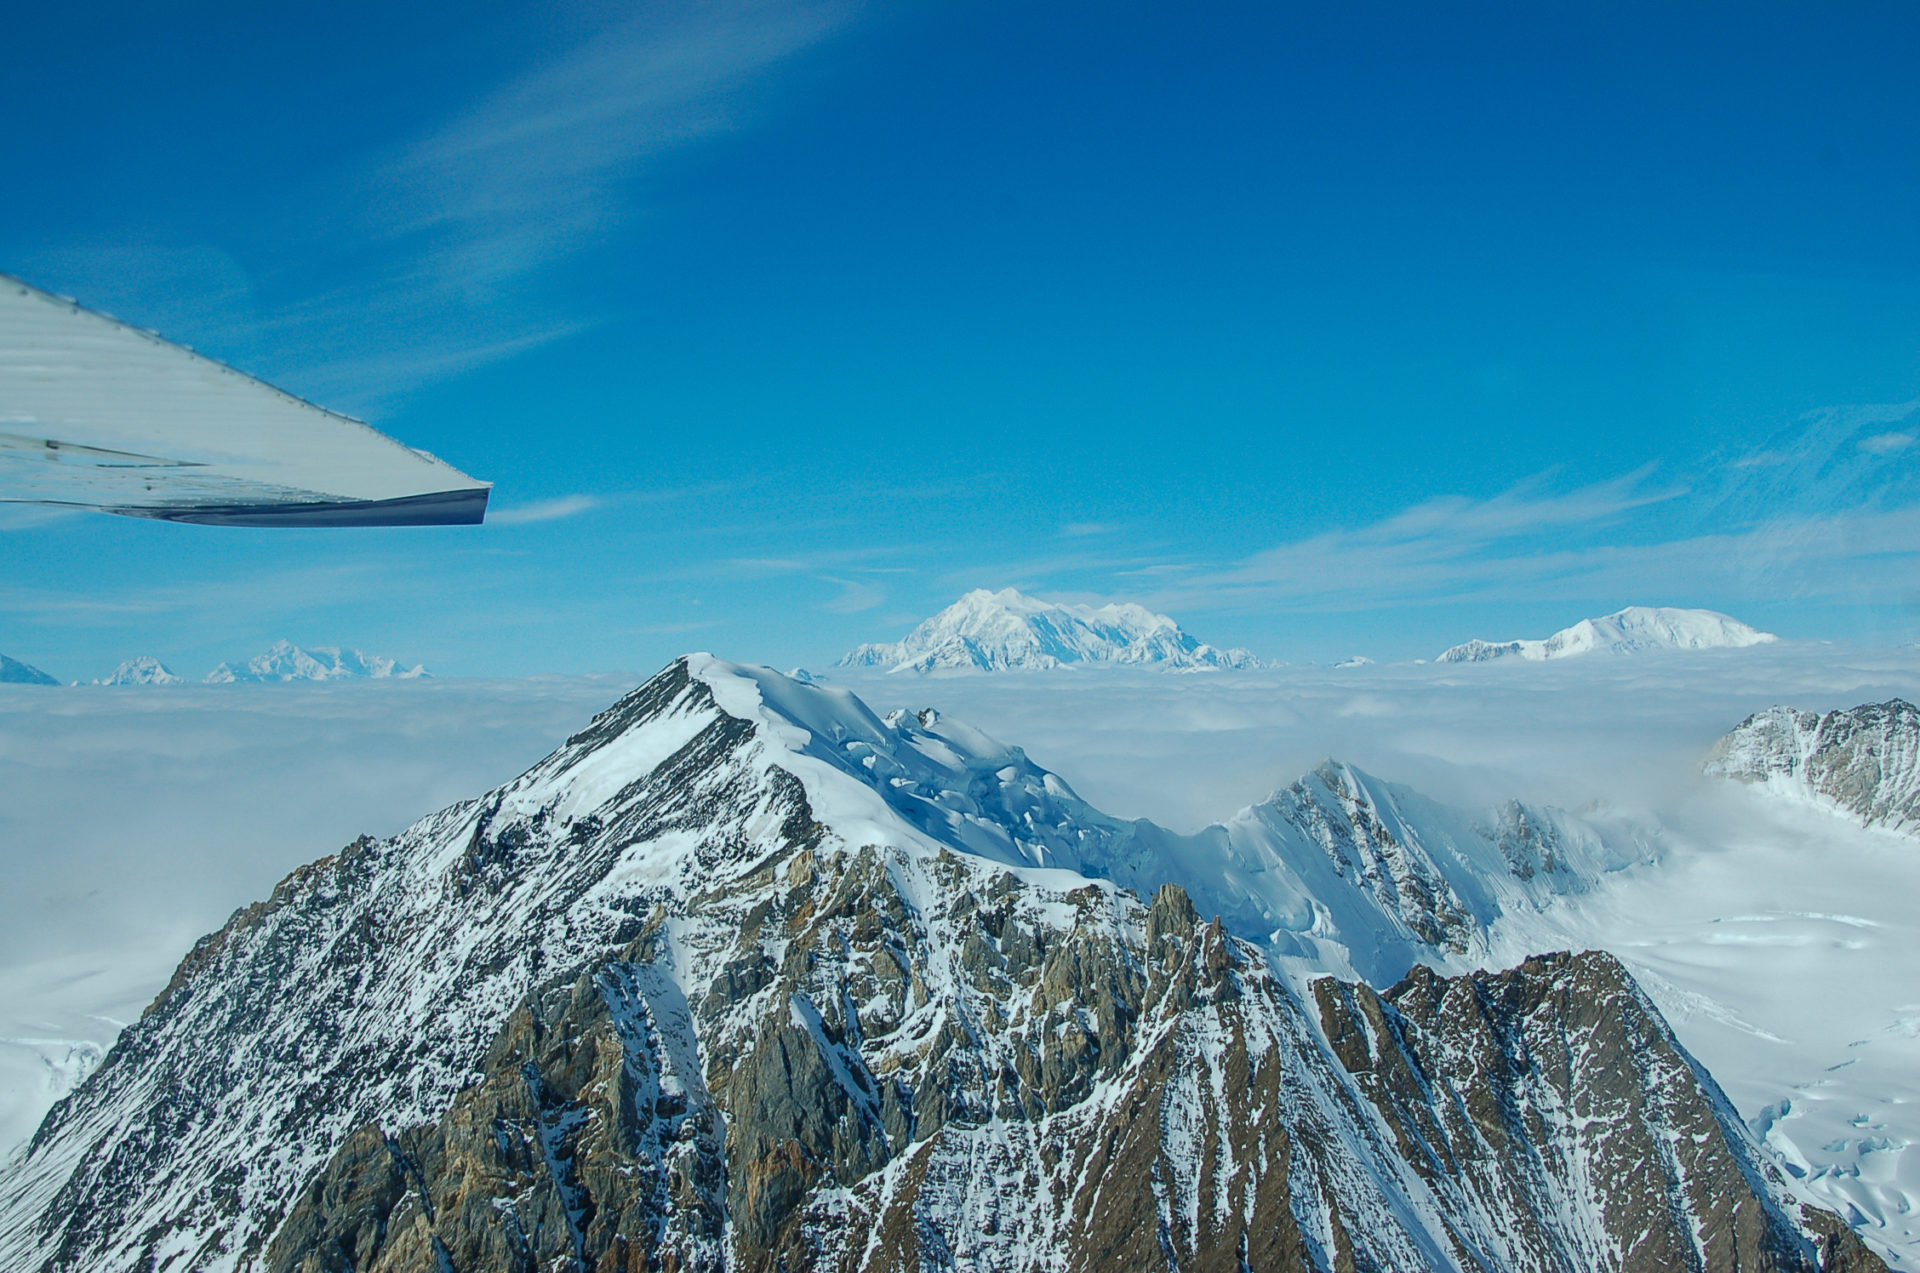 Fantastische Bergwelten rund um den Mount Logan im kanadischen Yukon